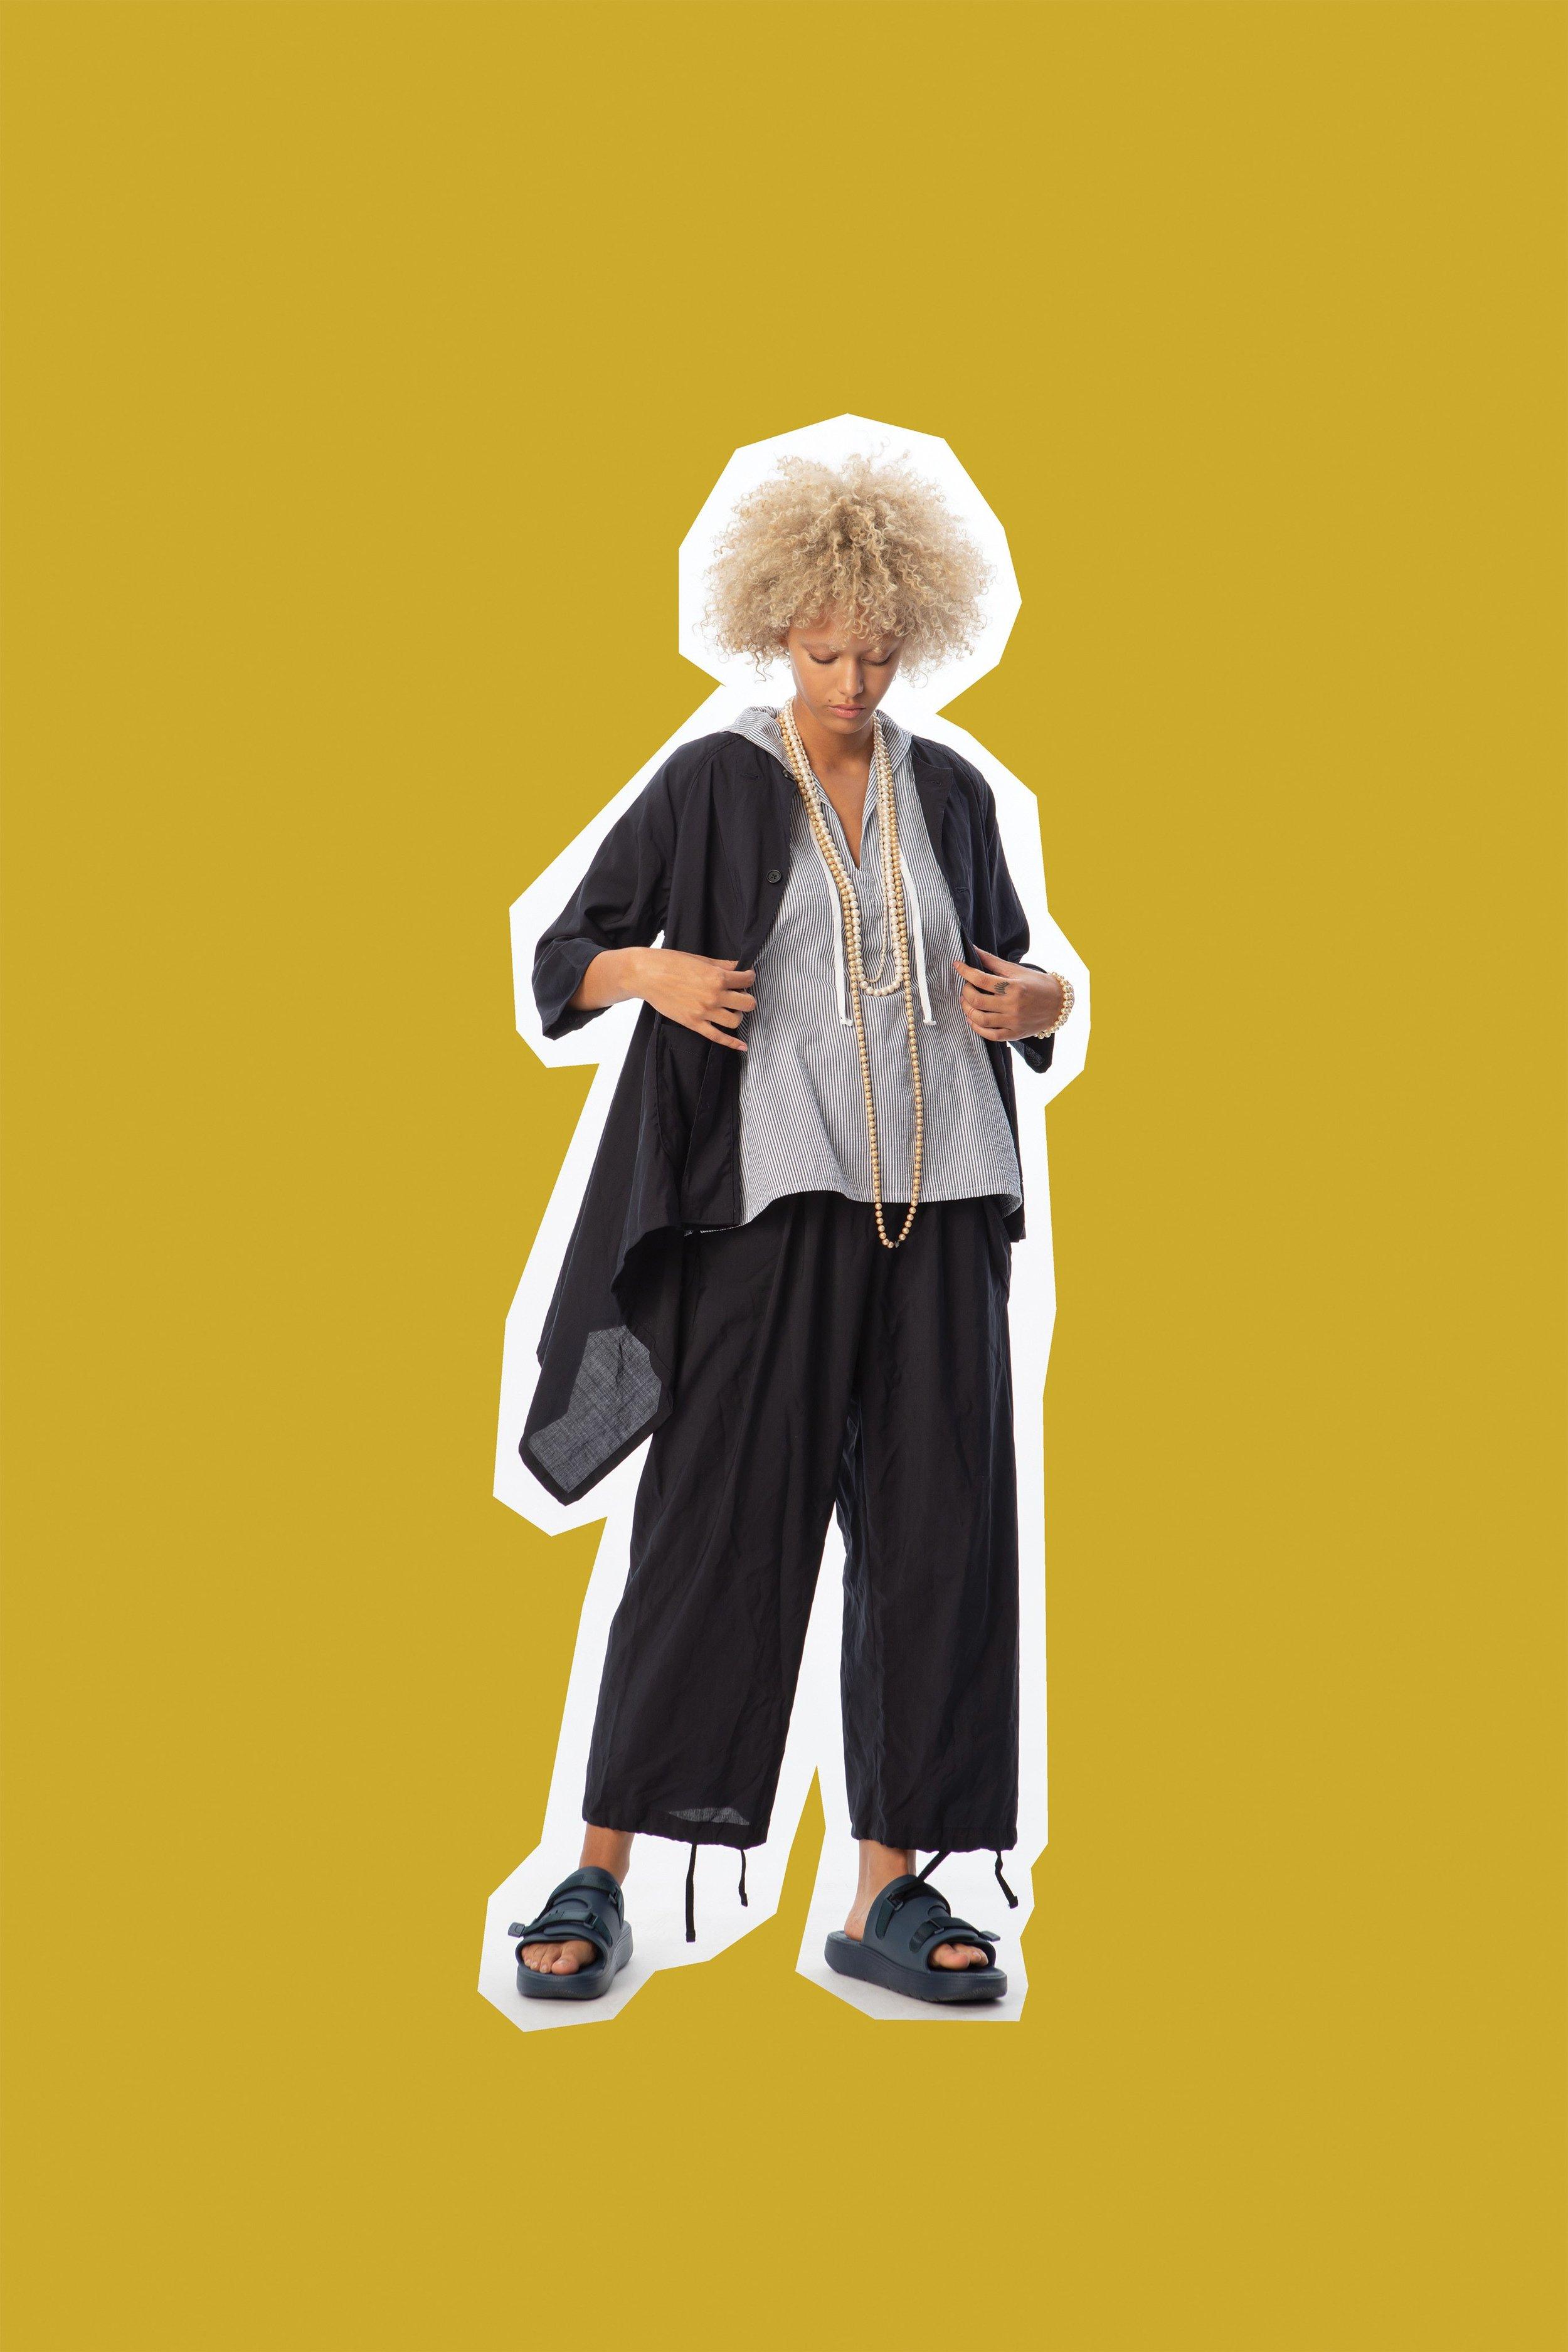 00027-Engineered-Garments-Mens-Spring-2020.jpg